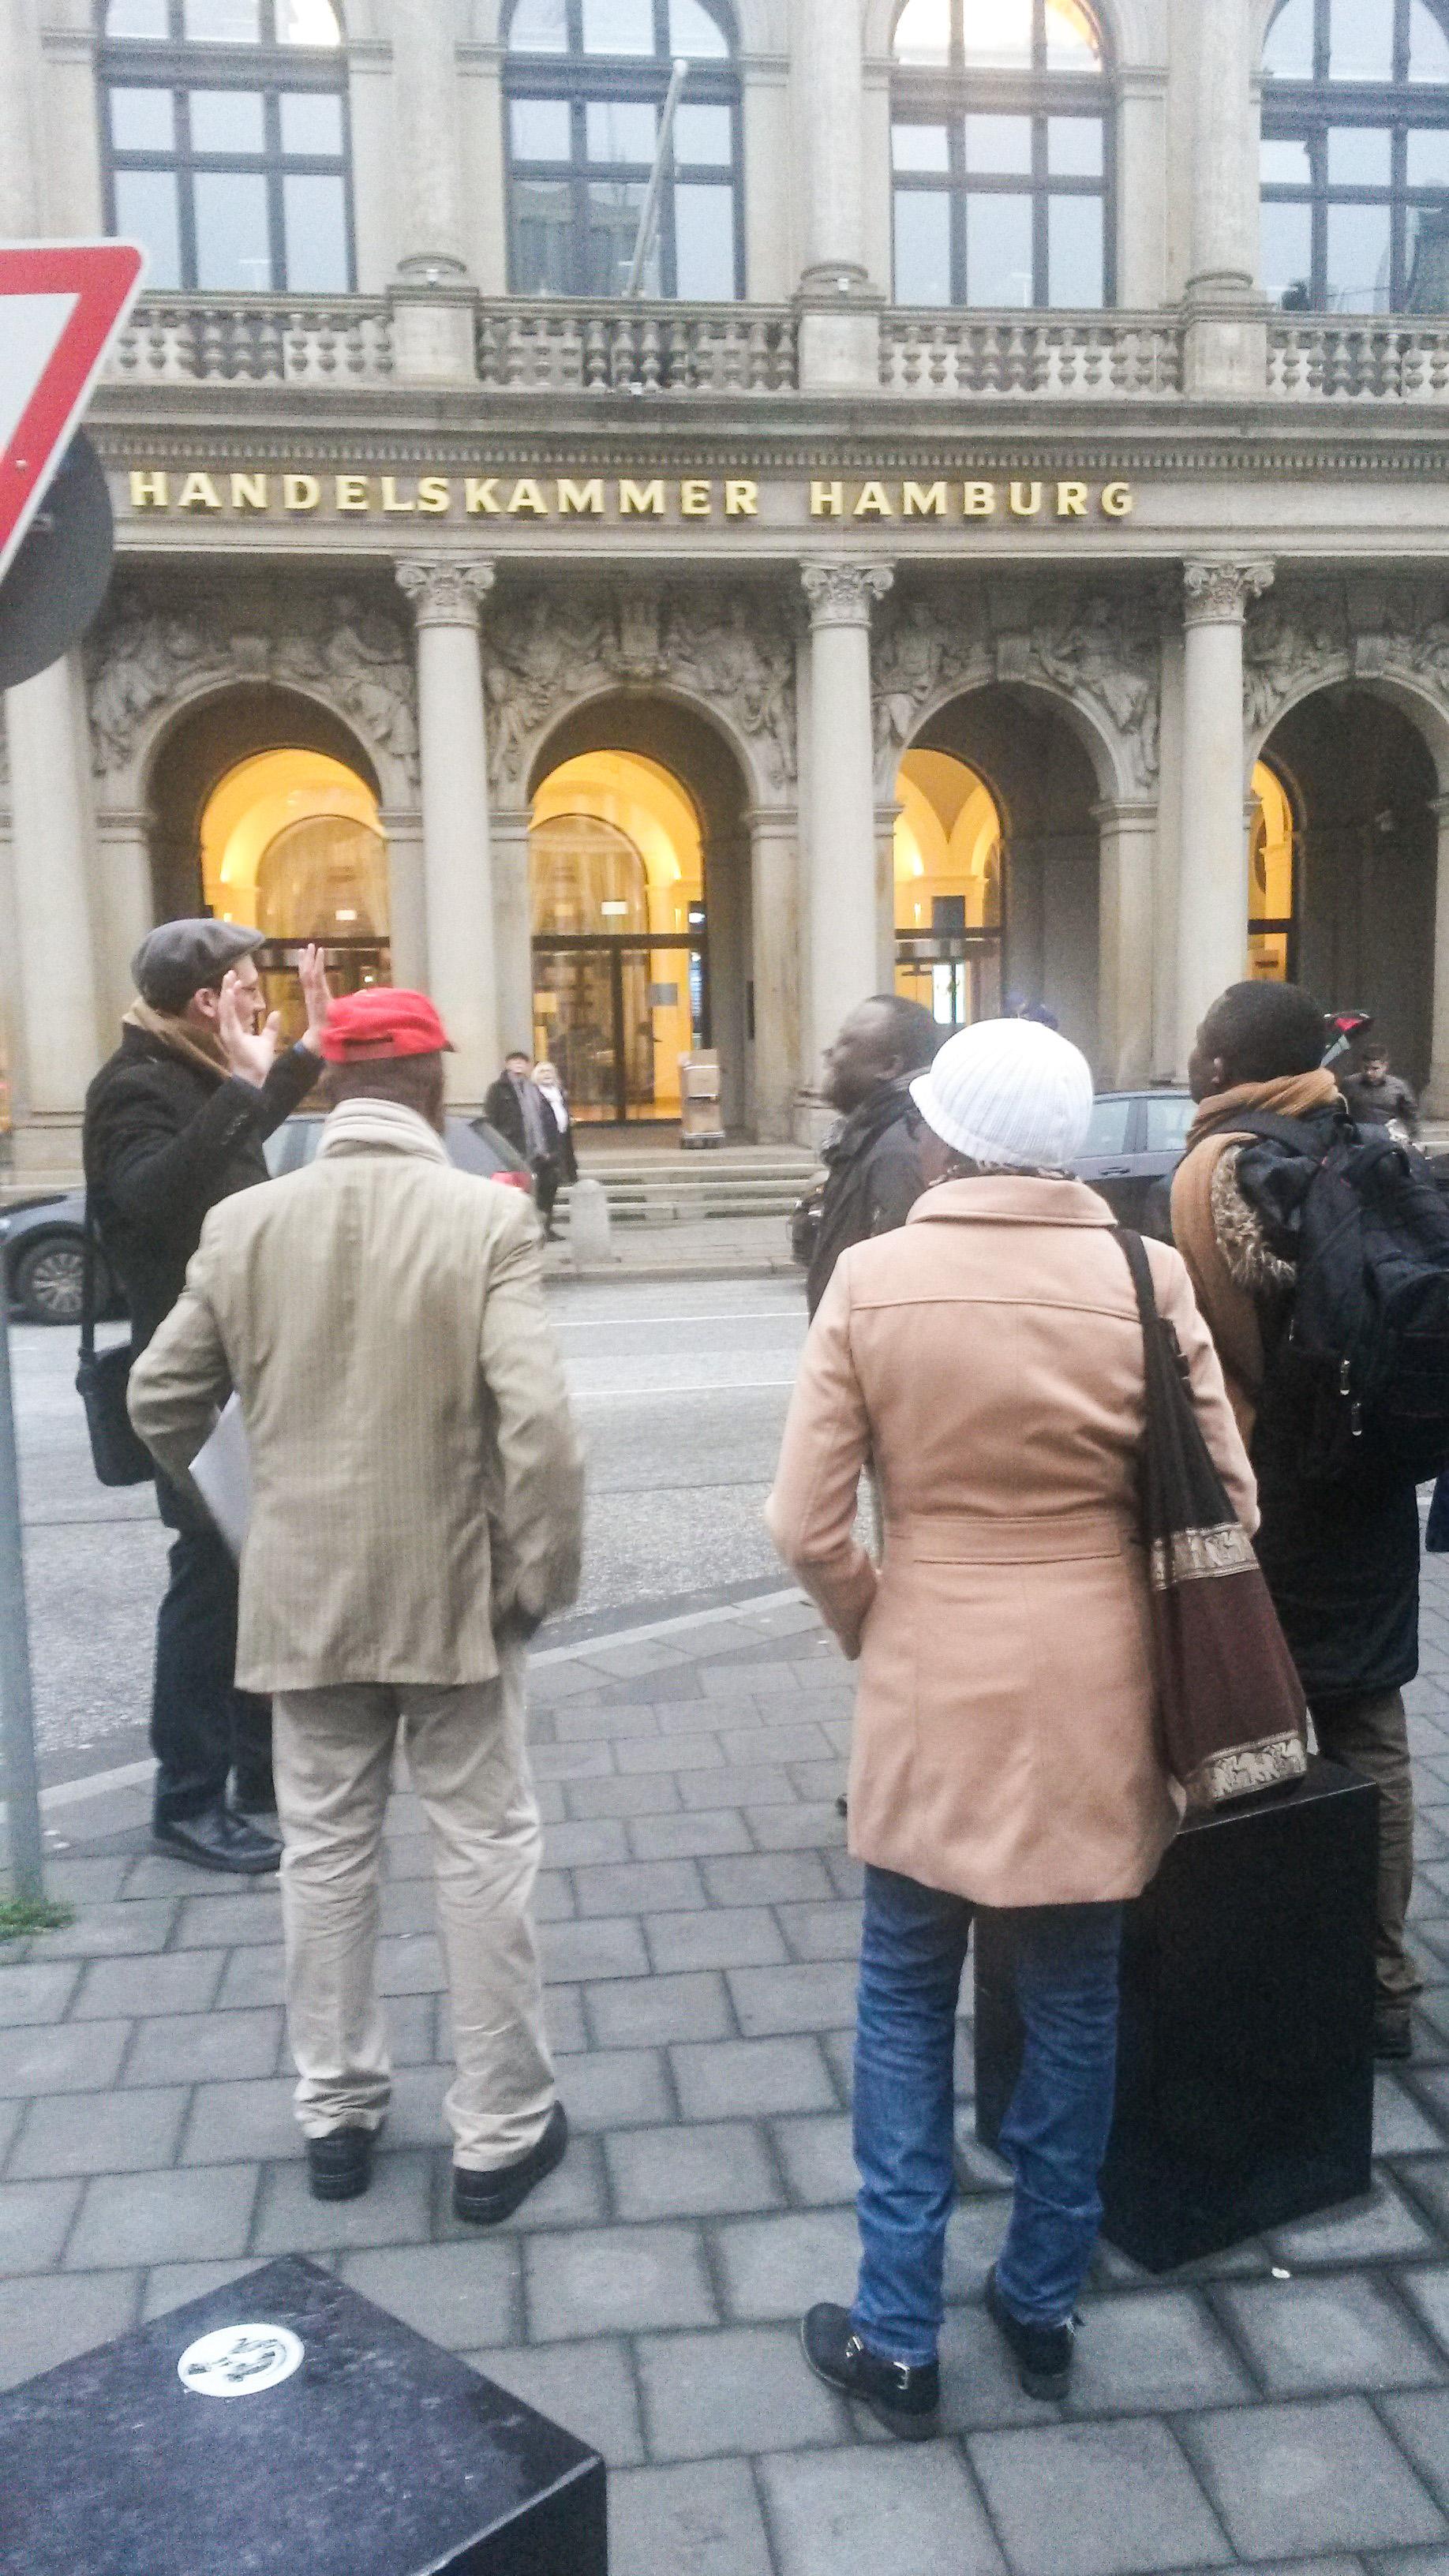 Das Foto zeigt die Stadtführung in Hamburg von Kim Todzi. Kim Todzi steht mit den Teilnehmern der Stadtführung vor der Handelskammer Hamburg.